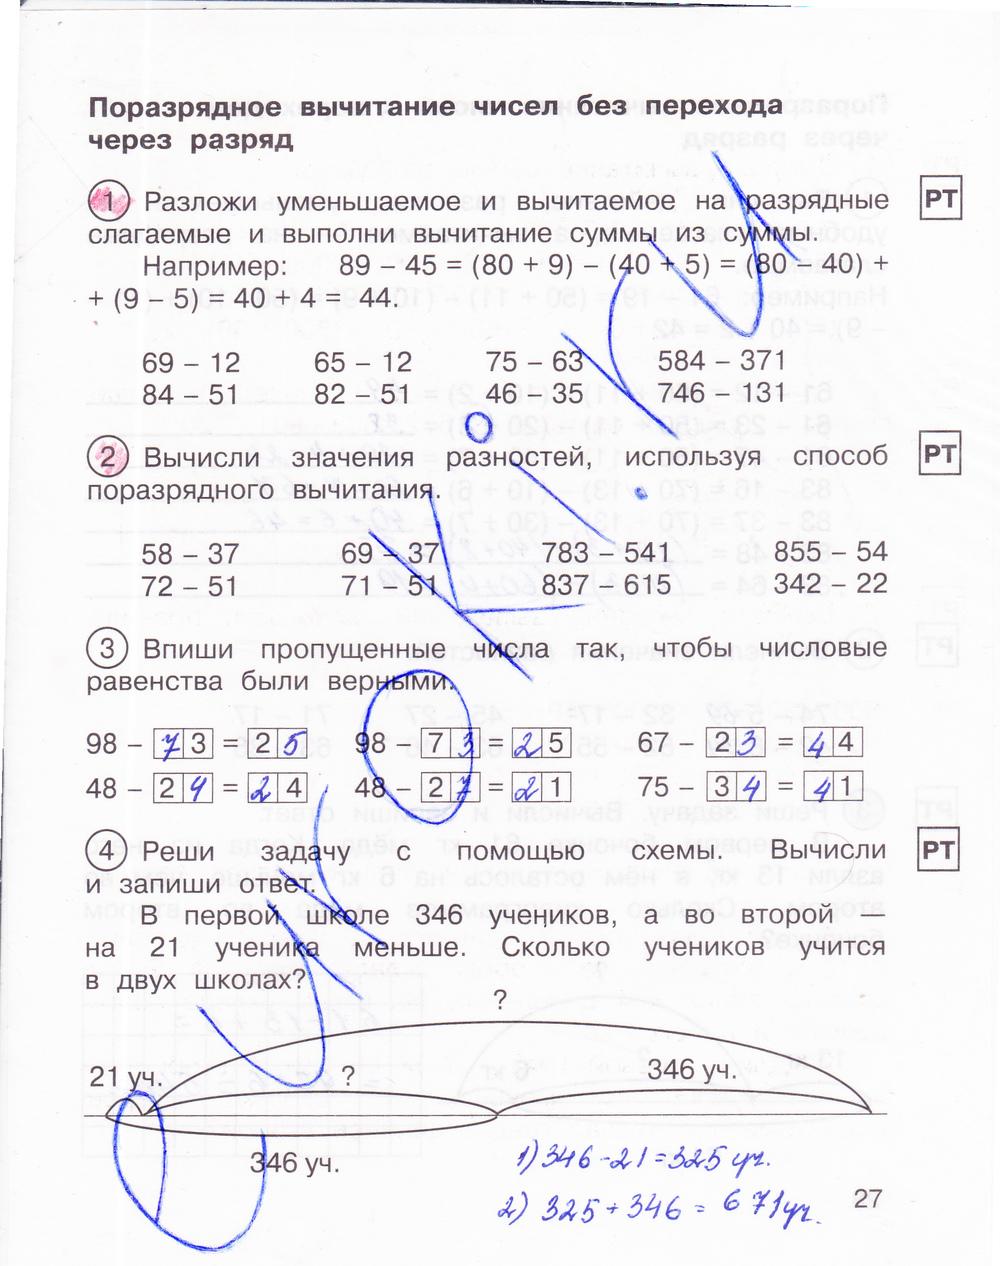 ответы захарова 2 по 2 гдз математике юдина